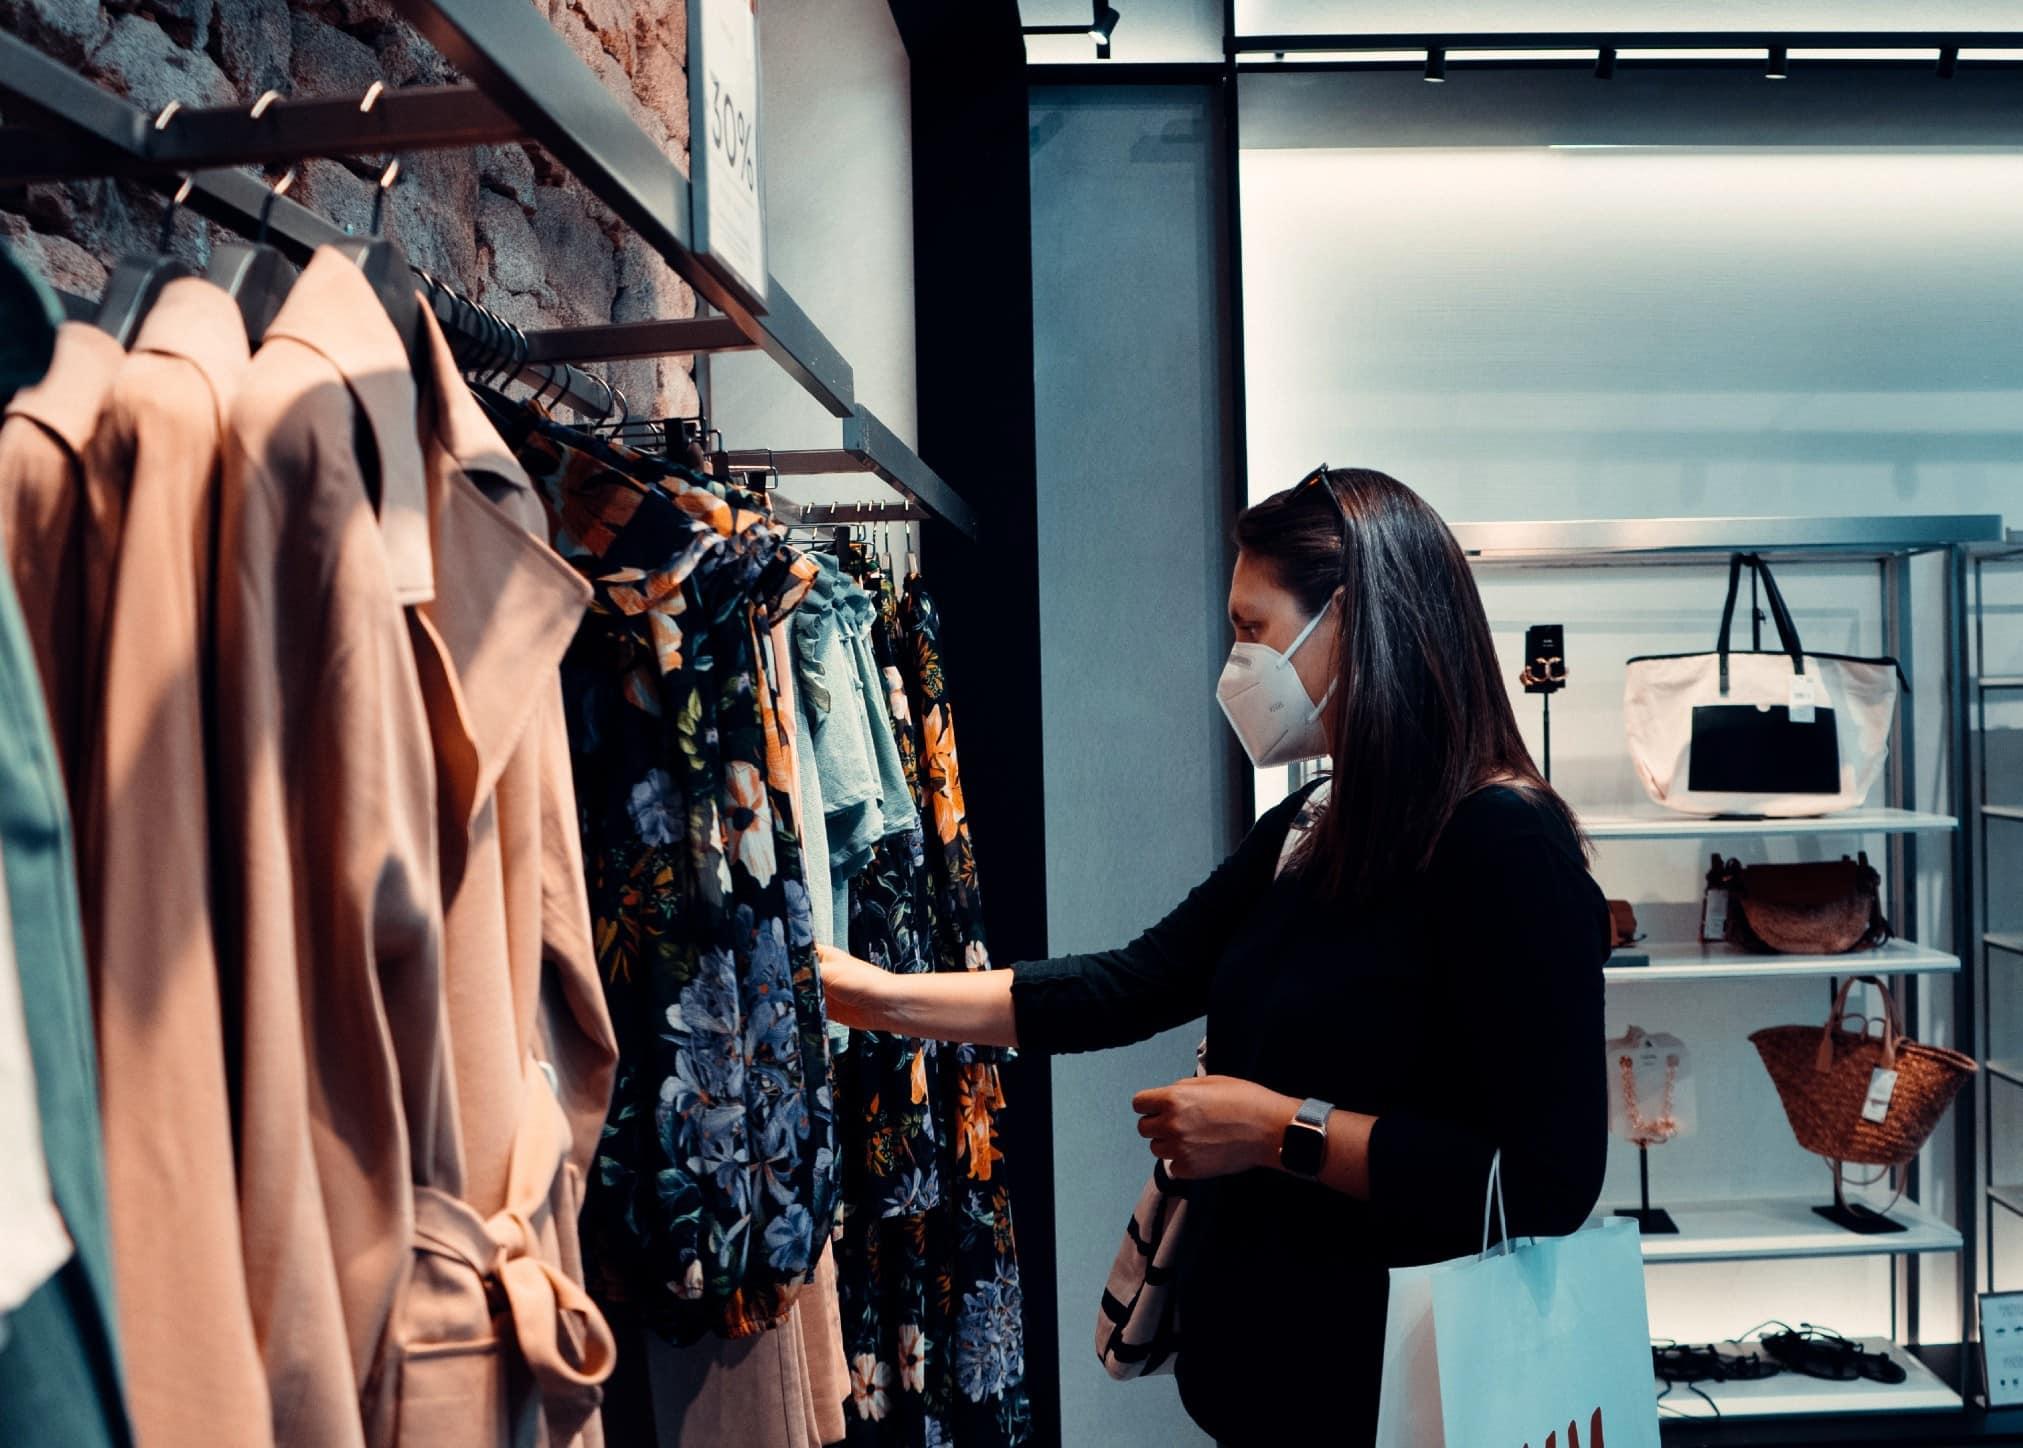 Zara H M Diese Modeketten Sind Bereits In Der Insolvenz Wmn